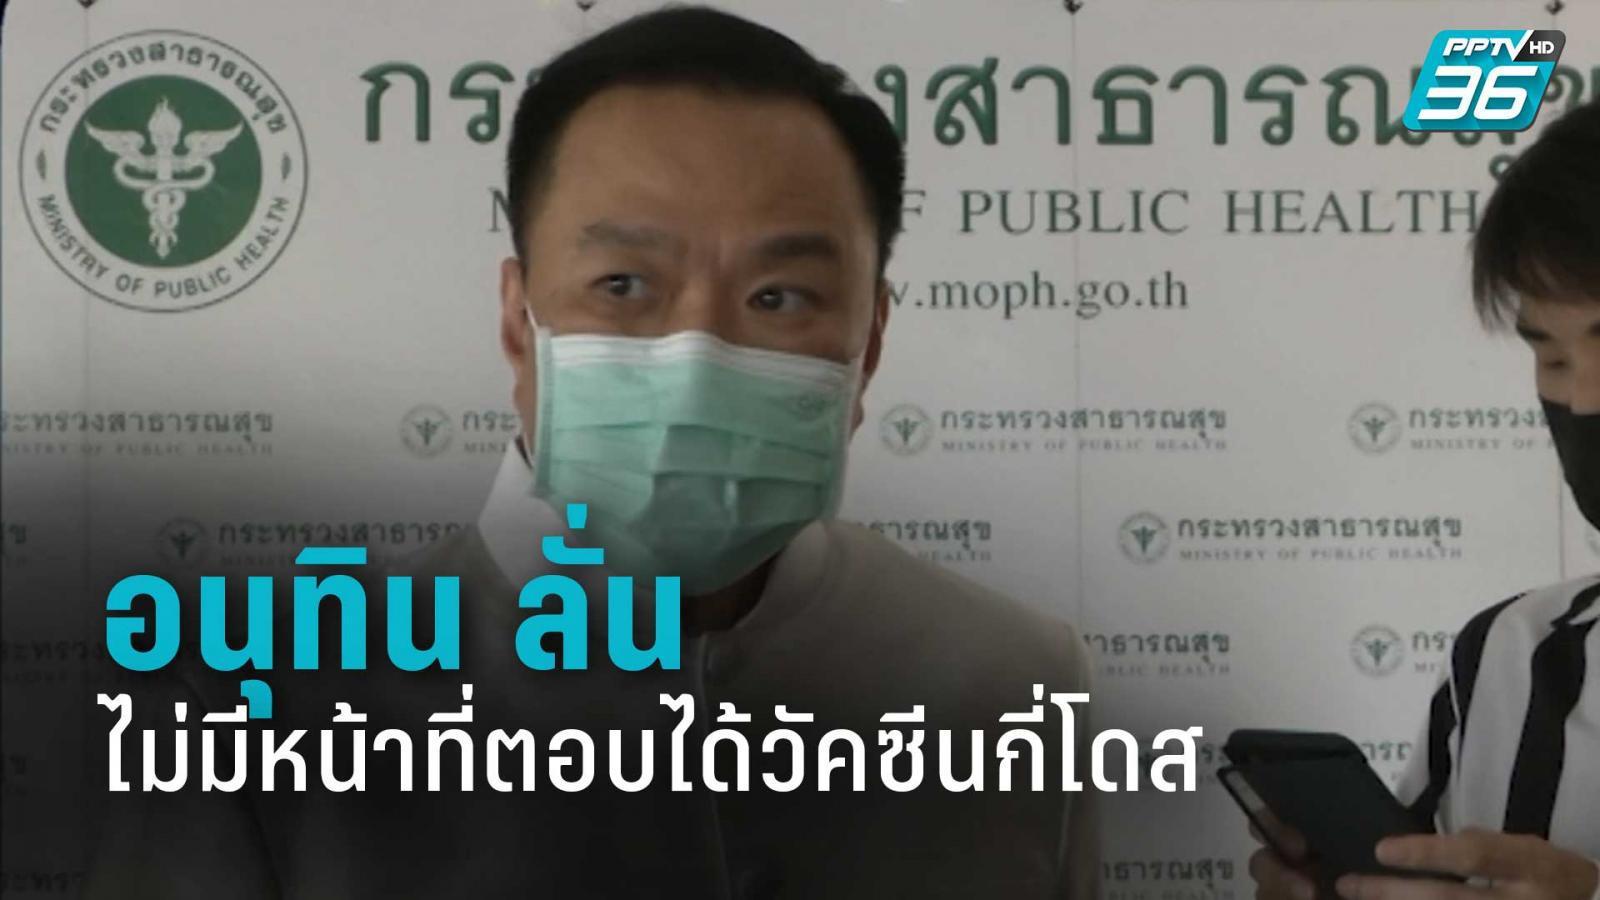 อนุทิน ลั่น ไม่มีหน้าที่ตอบได้วัคซีนกี่โดส